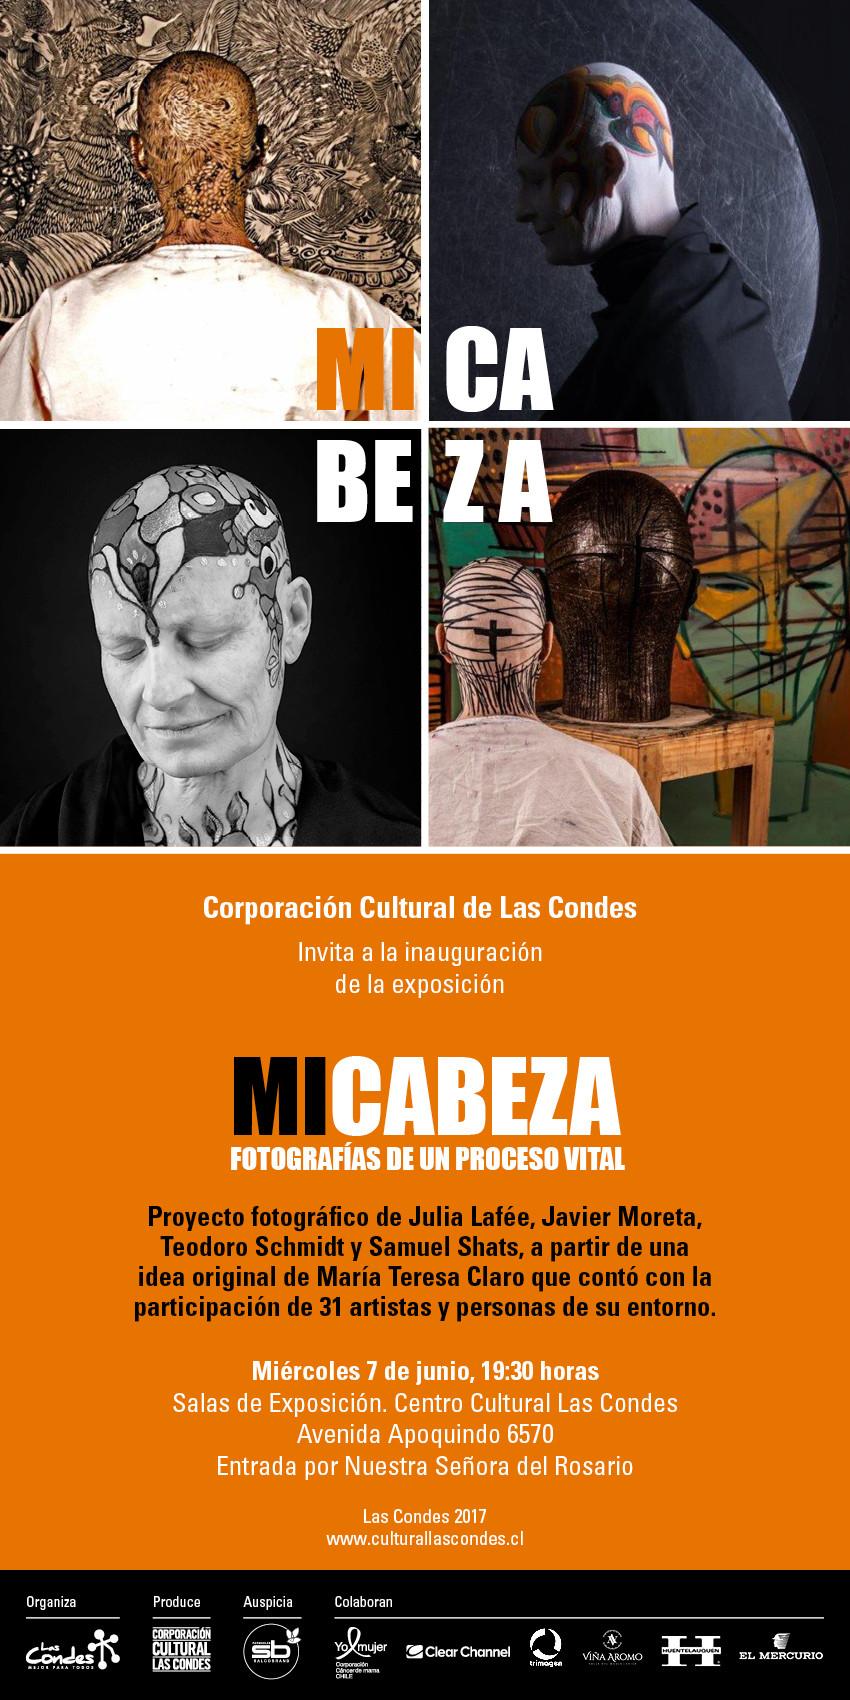 """La Exposición """"Mi cabeza, fotografias de un proceso vital"""" será inaugurada en la Corporaci"""